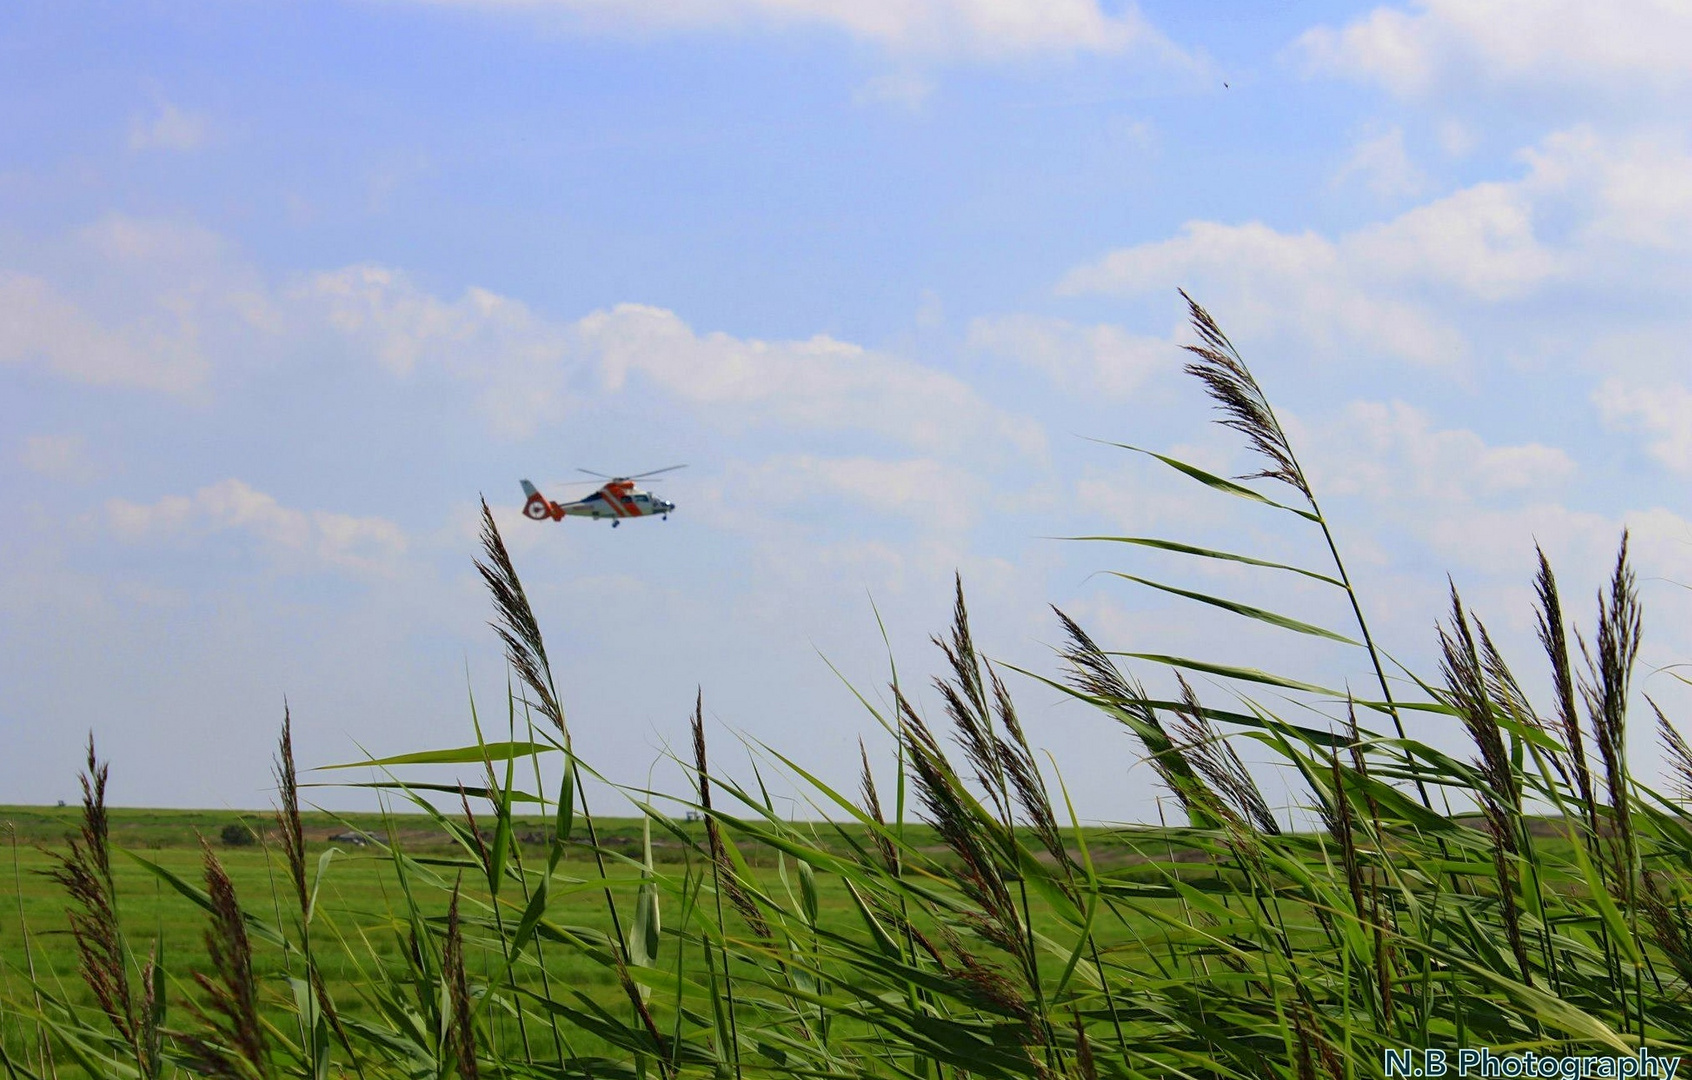 Hubschrauber auf der Insel Spiekerorg